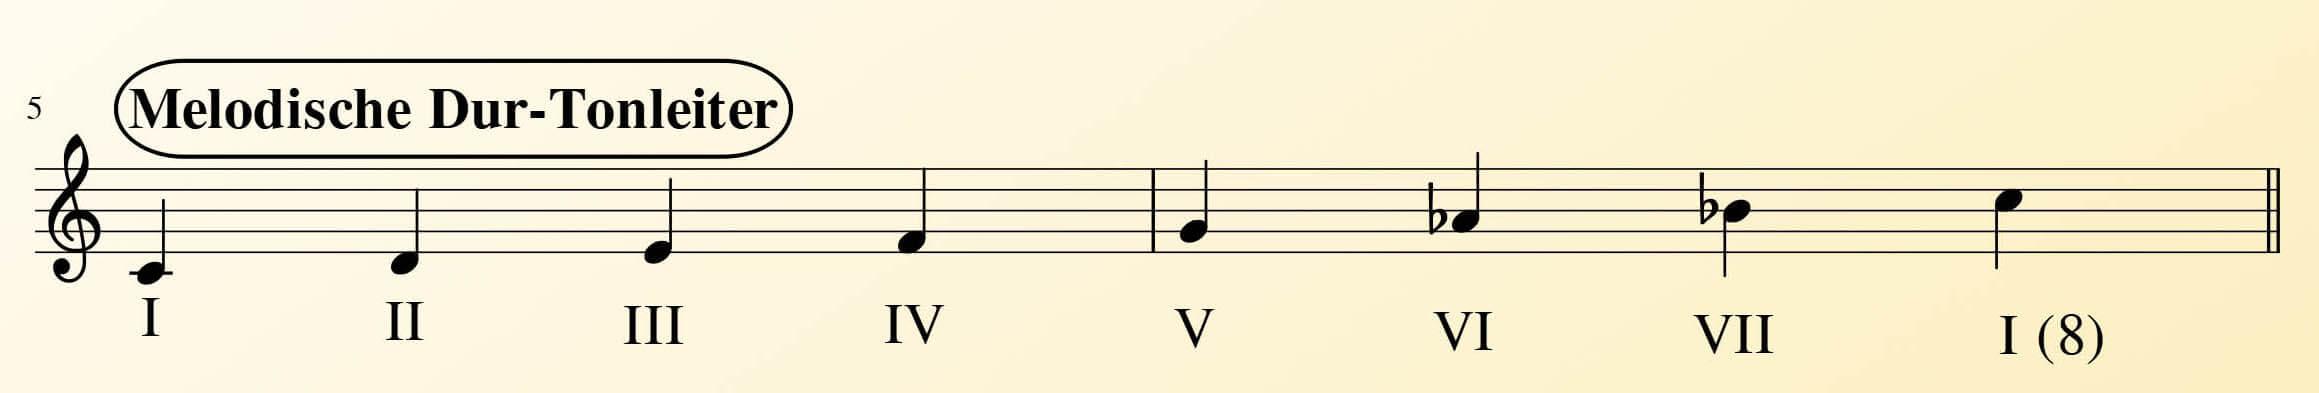 Melodische Dur Tonleiter